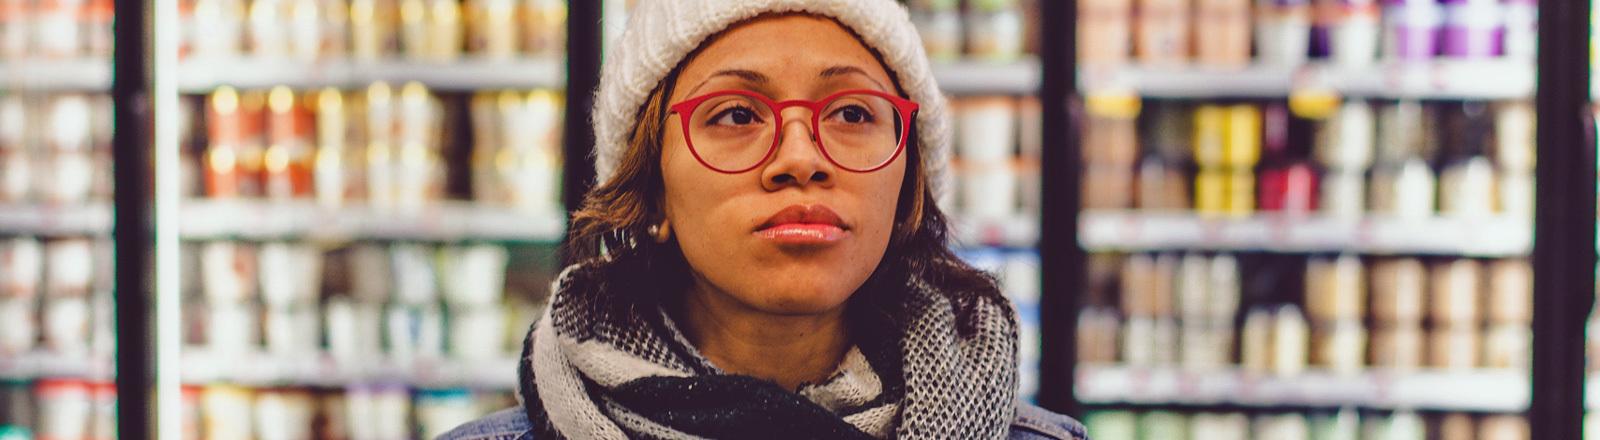 Eine Frau steht in einem Supermarkt und guckt skeptisch.